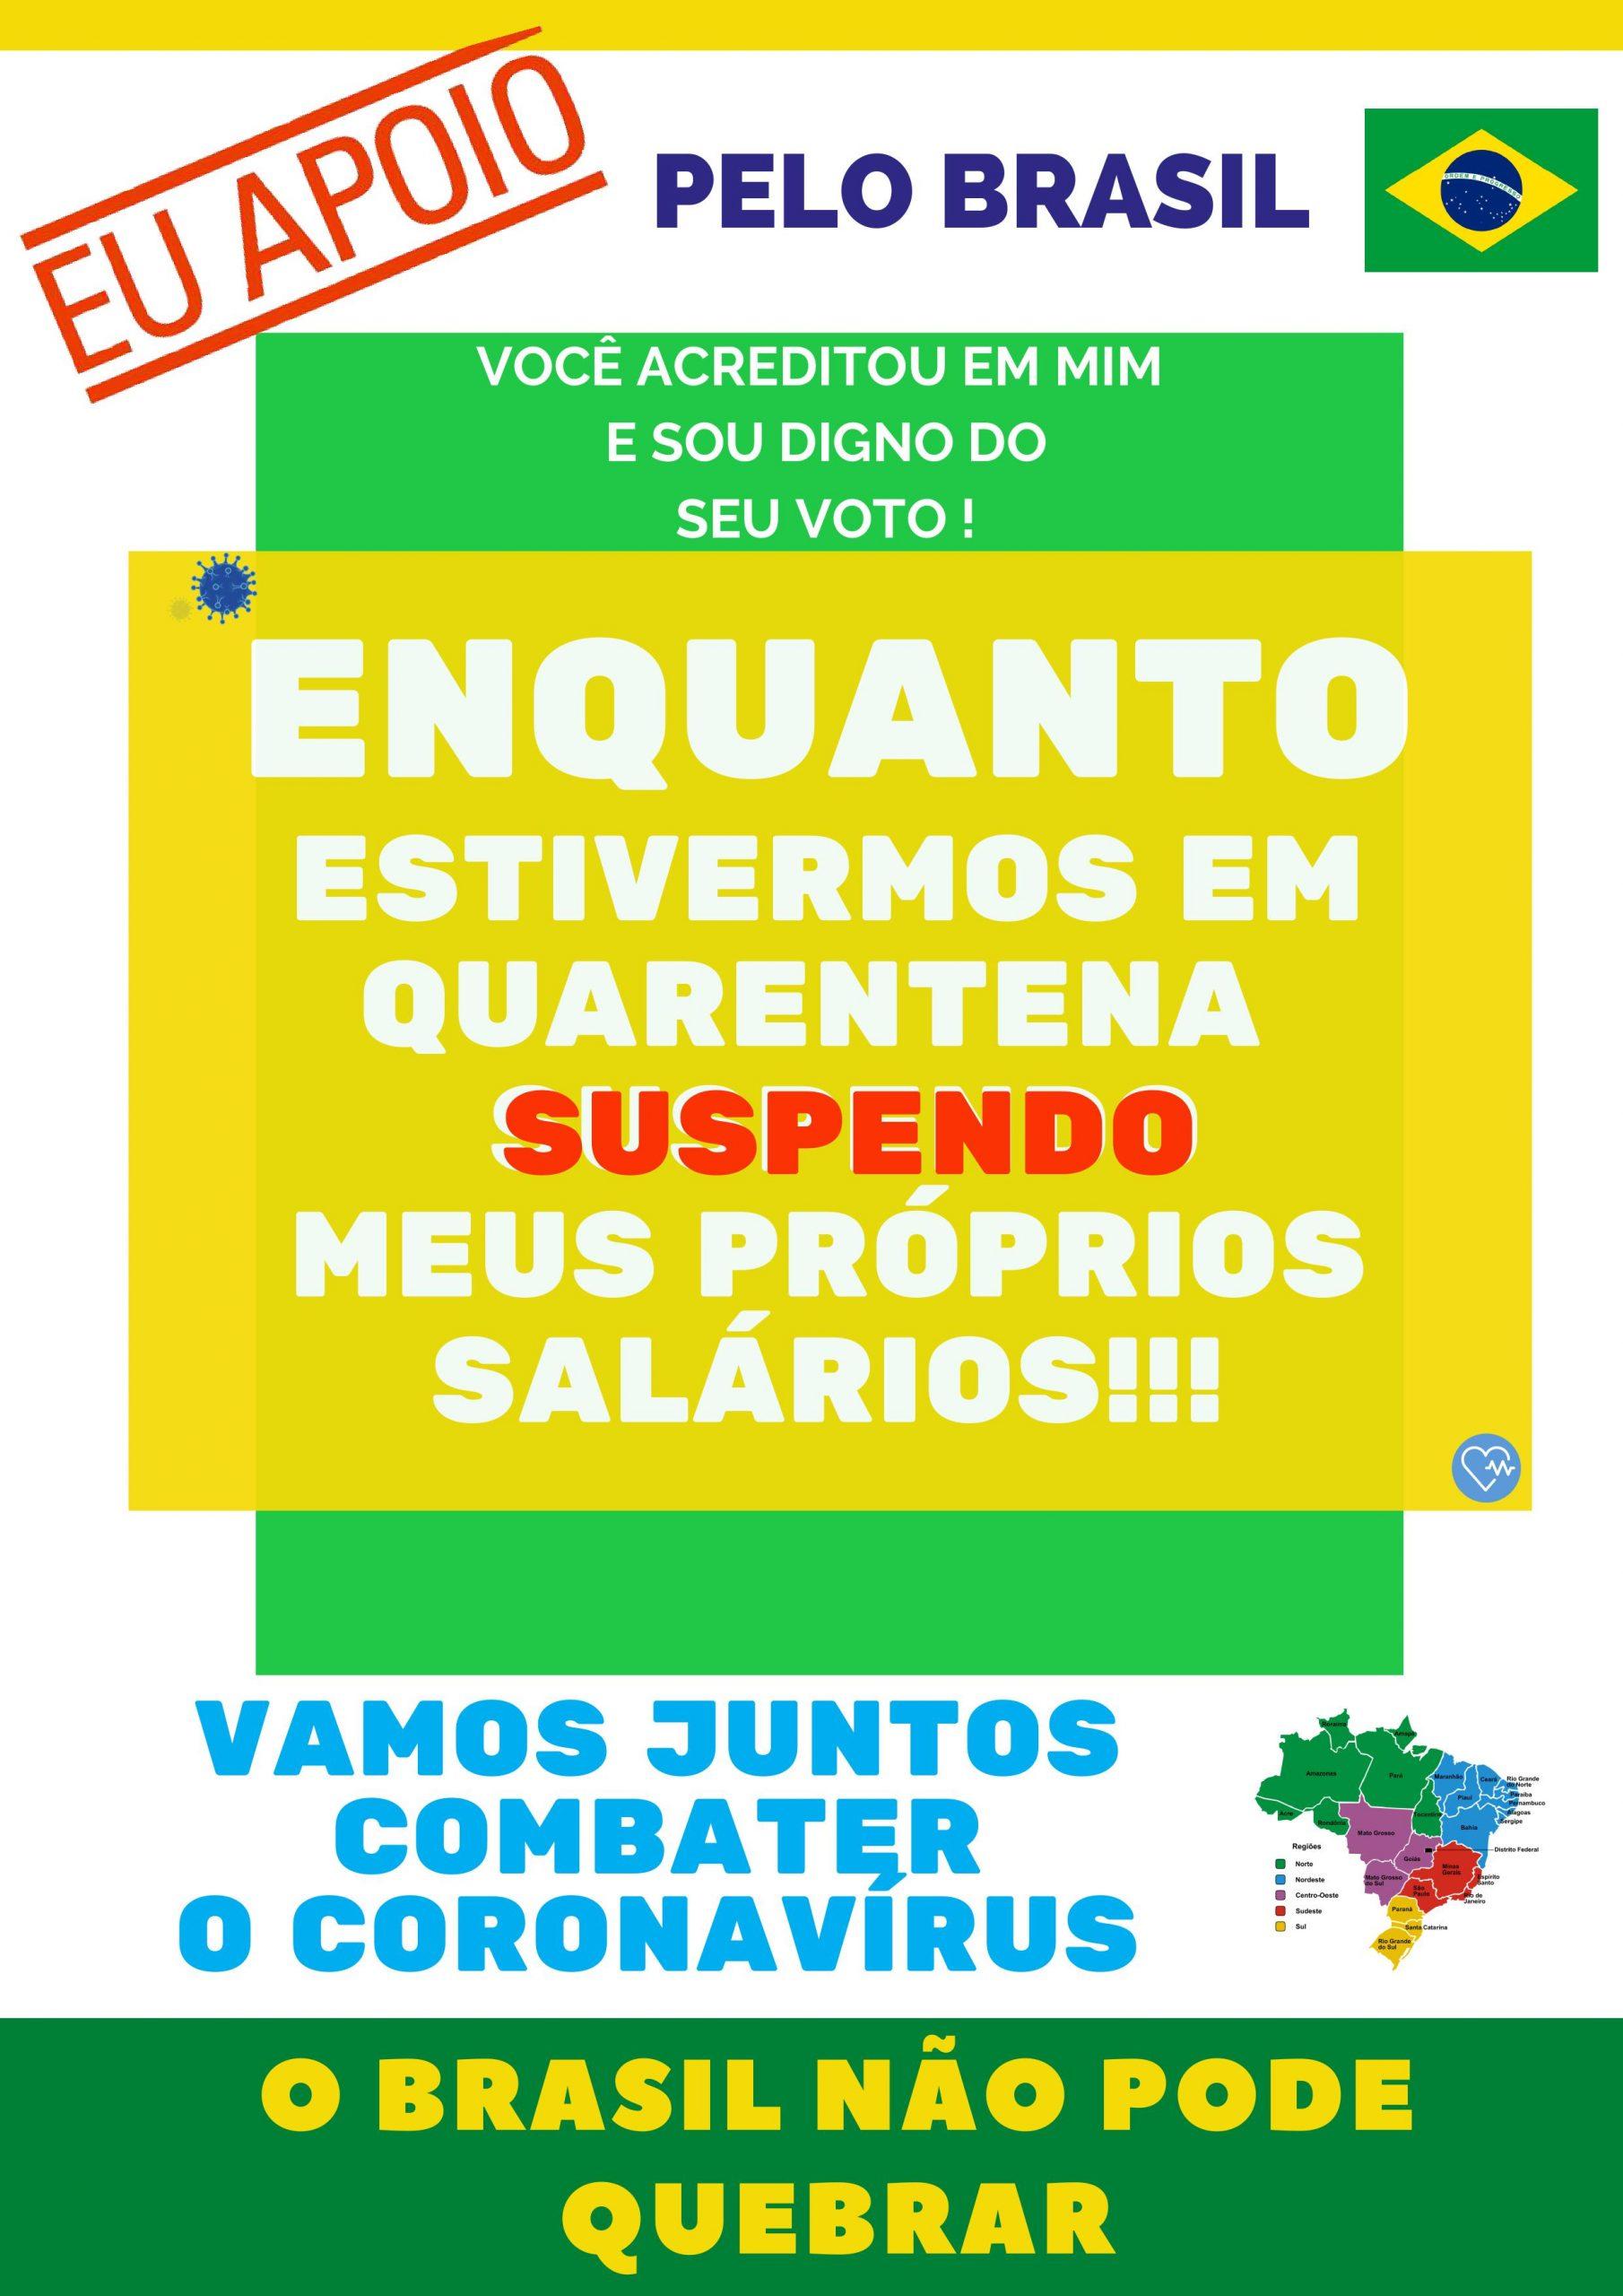 Mais um honrando o voto: Prefeito de Paripueira em Alagoas corta o próprio salário na pandemia do coronavírus